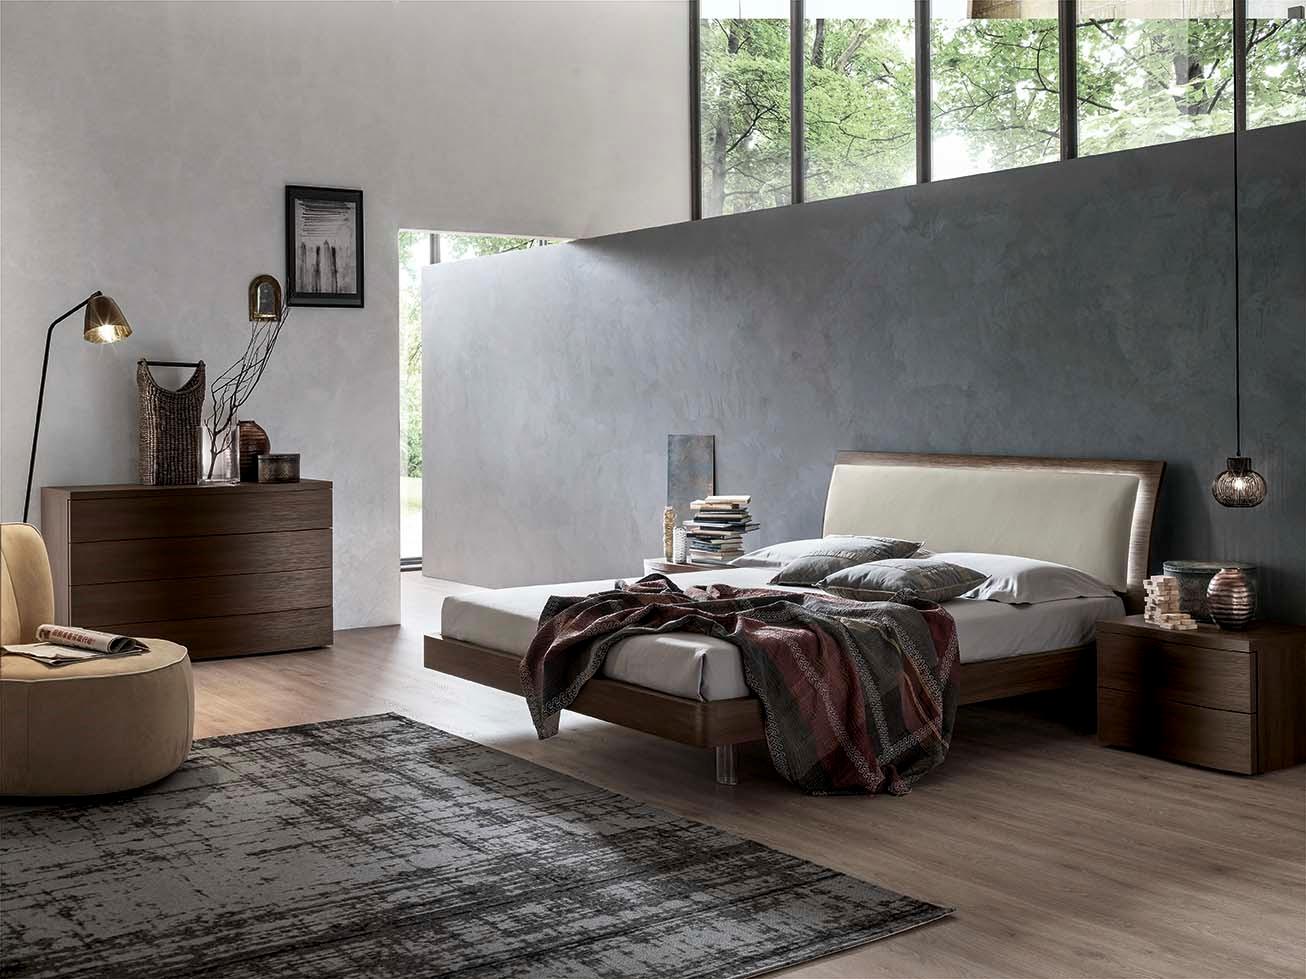 Santa lucia letto modello parentesi letti a prezzi scontati - Camera da letto santa lucia ...